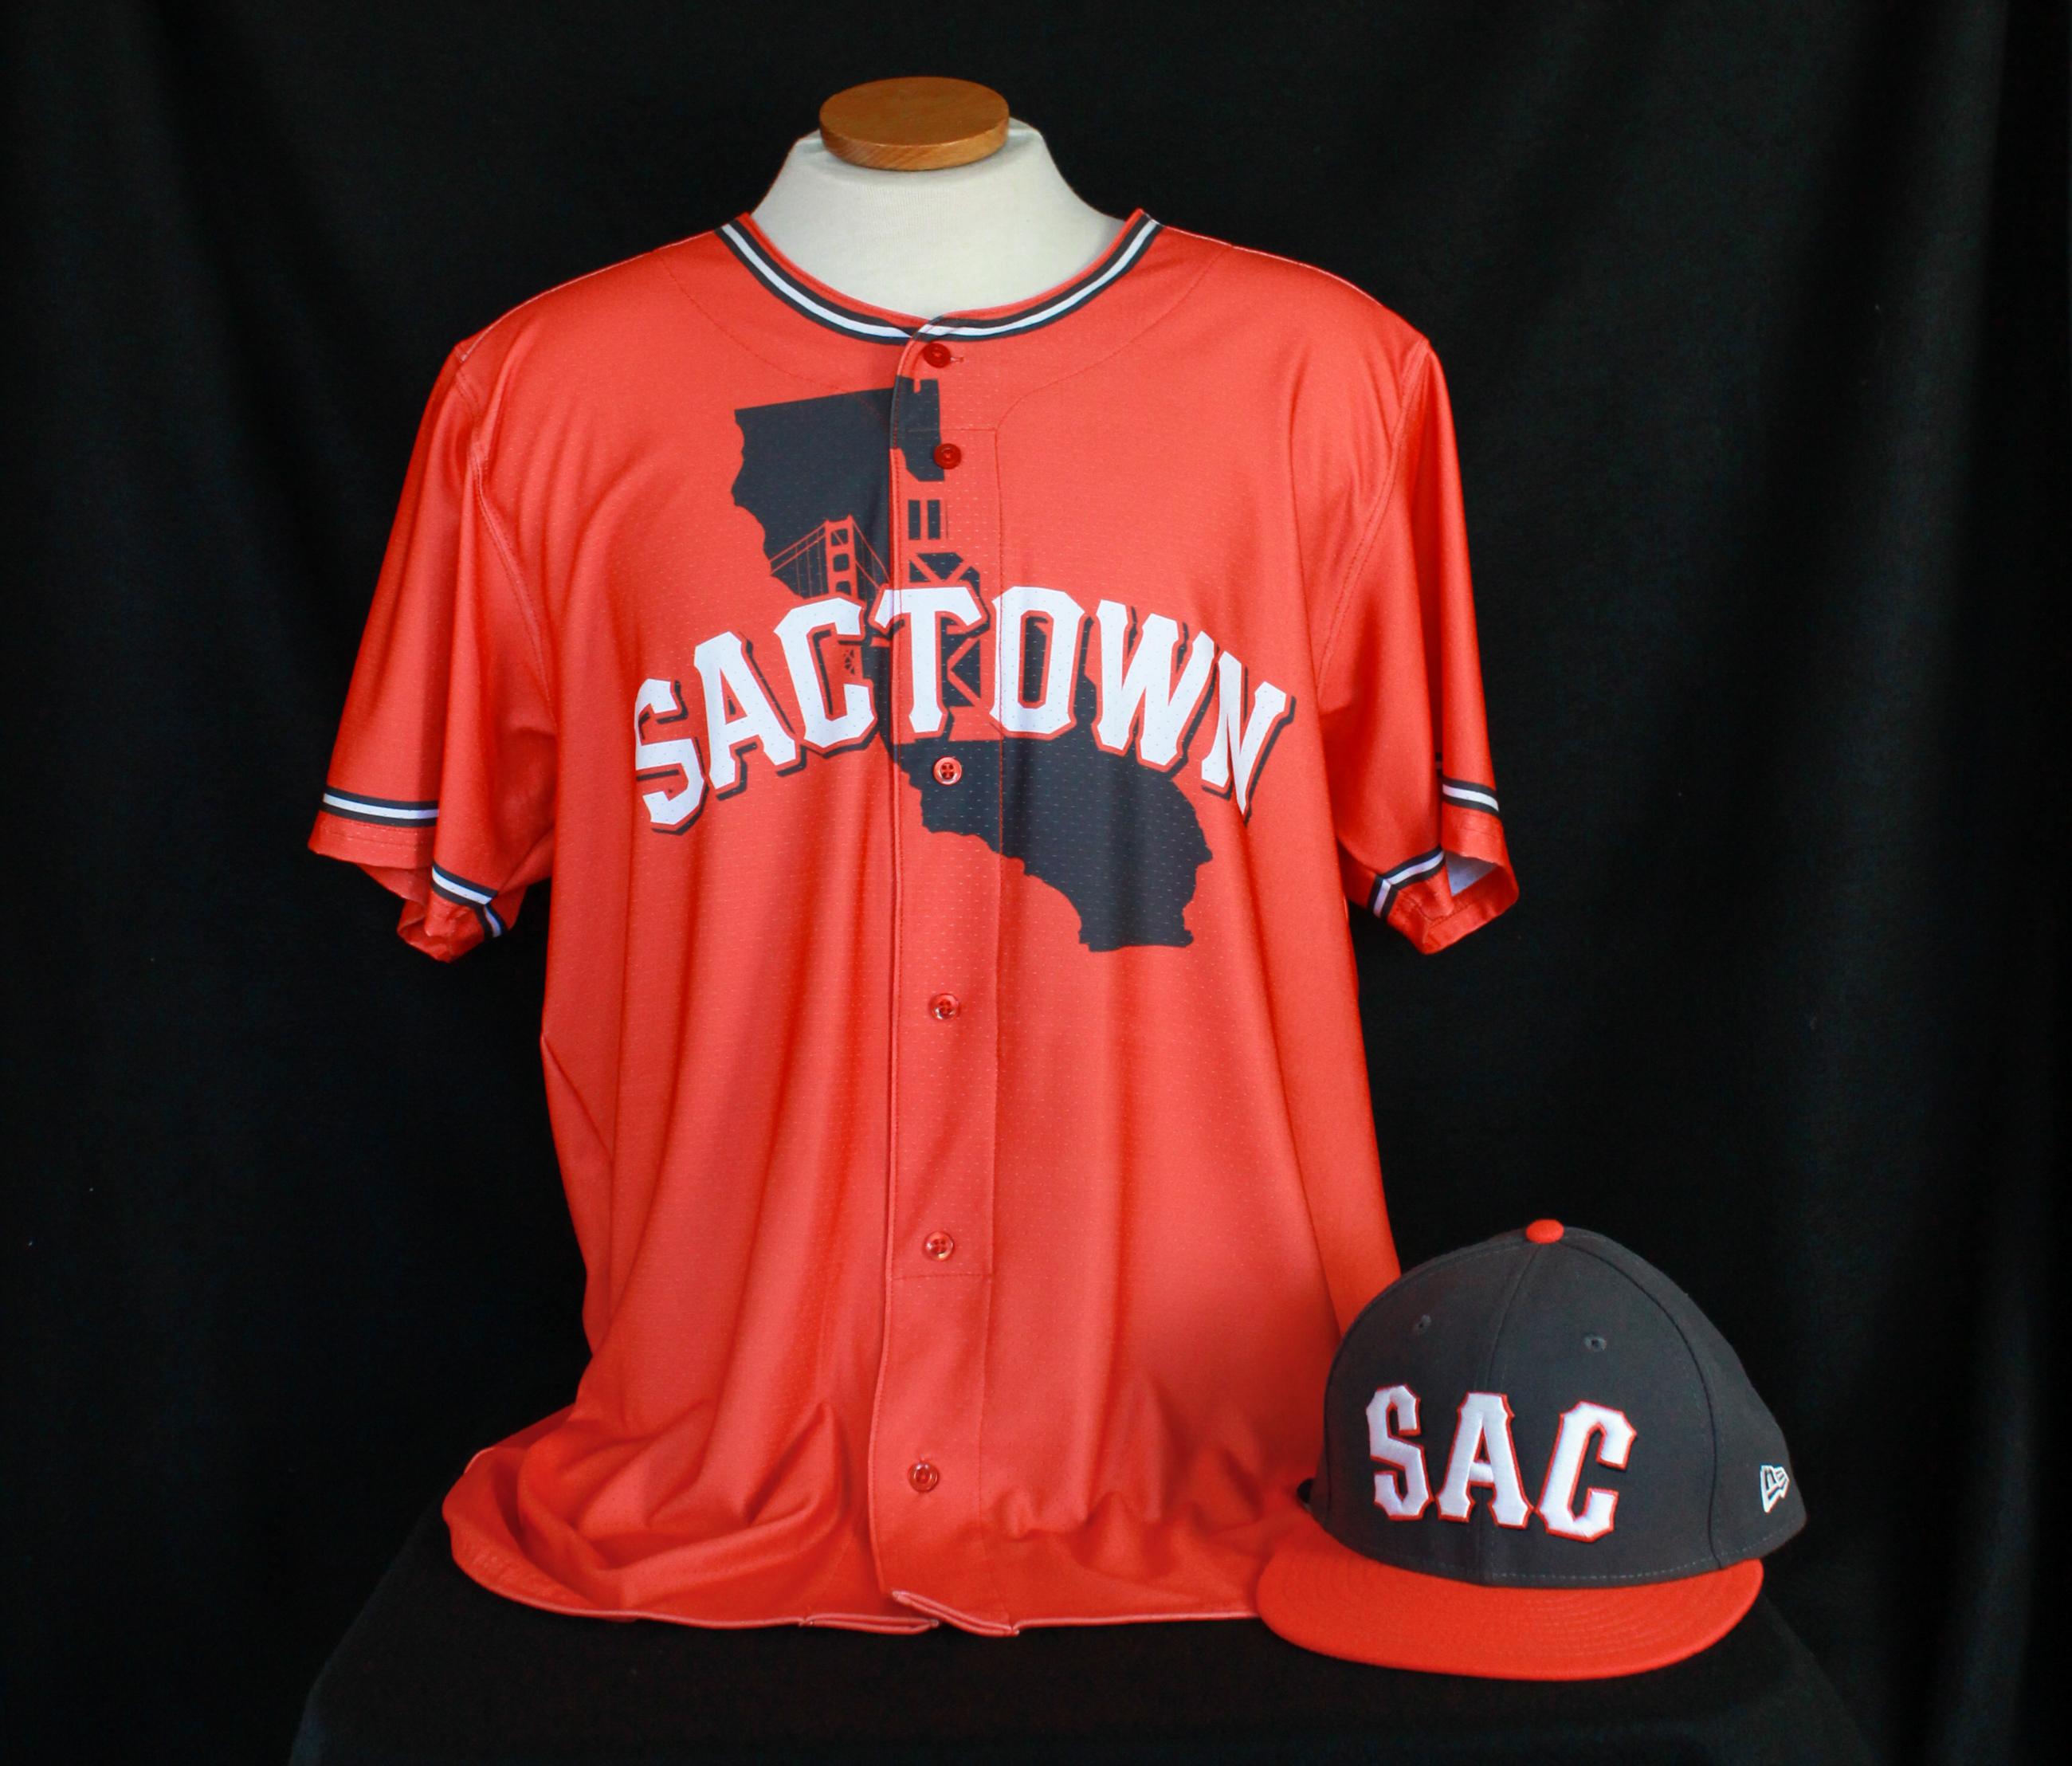 Sactown Uniform